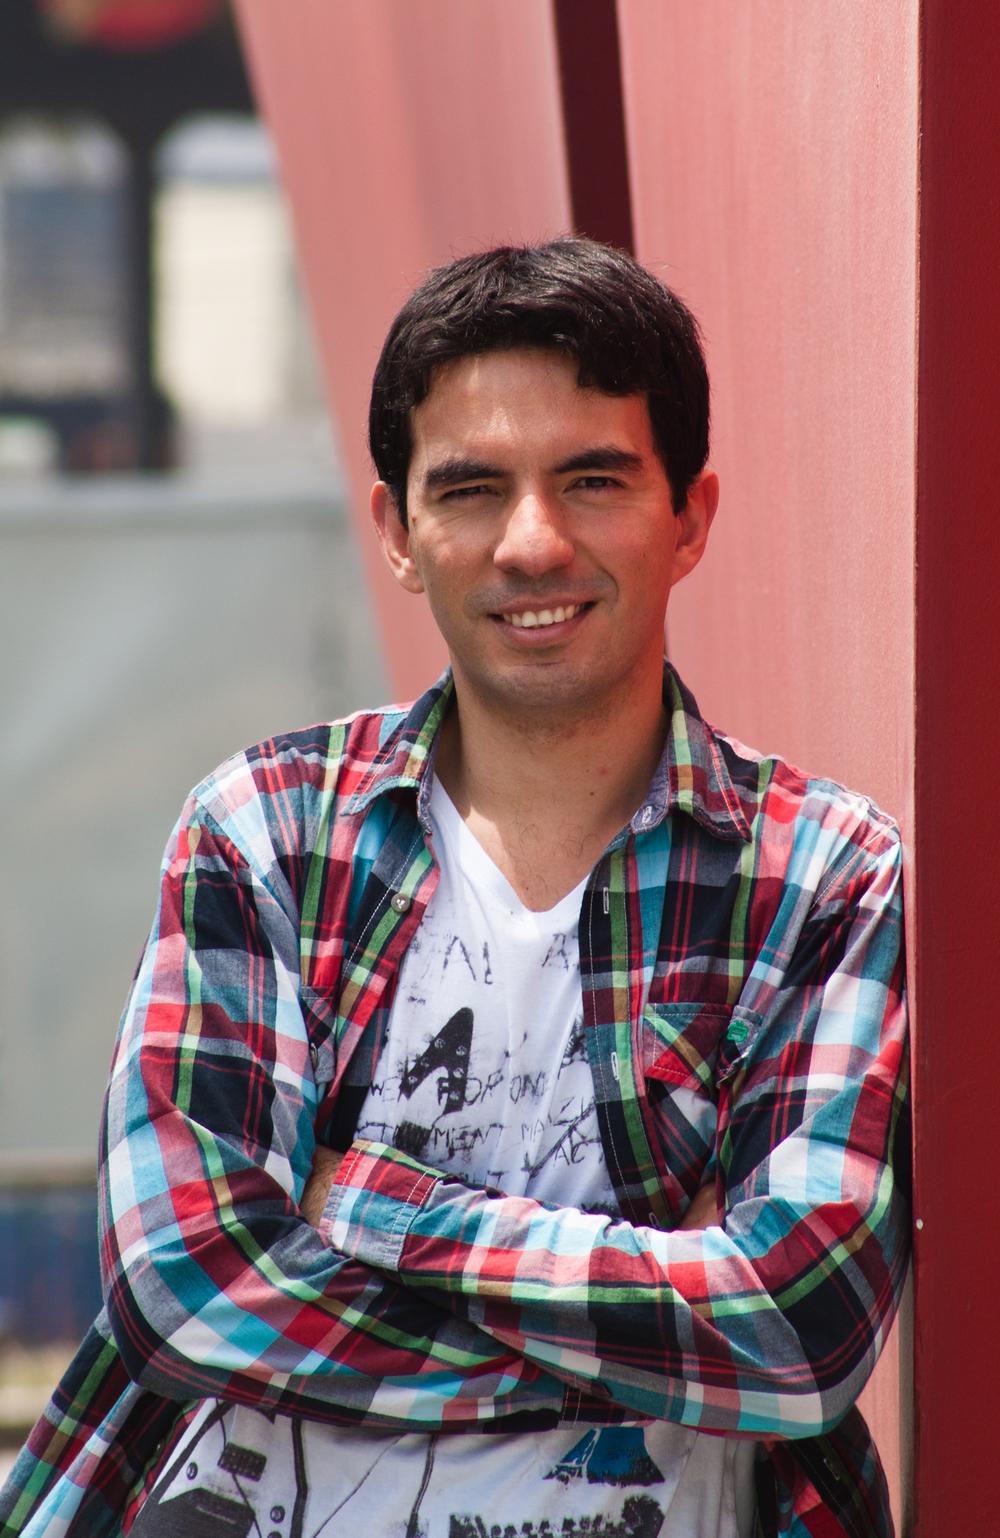 Juan Gabriel Herrera Administrador y Marketero. Trabaja en el BCP en un proyecto que busca cambiar la manera como las personas se relacionan con el banco. Le interesa el desarrollo y crecimiento de la nueva clase media limeña y está convencido que la educación es la clave para el desarrollo sostenible. Es docente universitario. Vive en Lima.